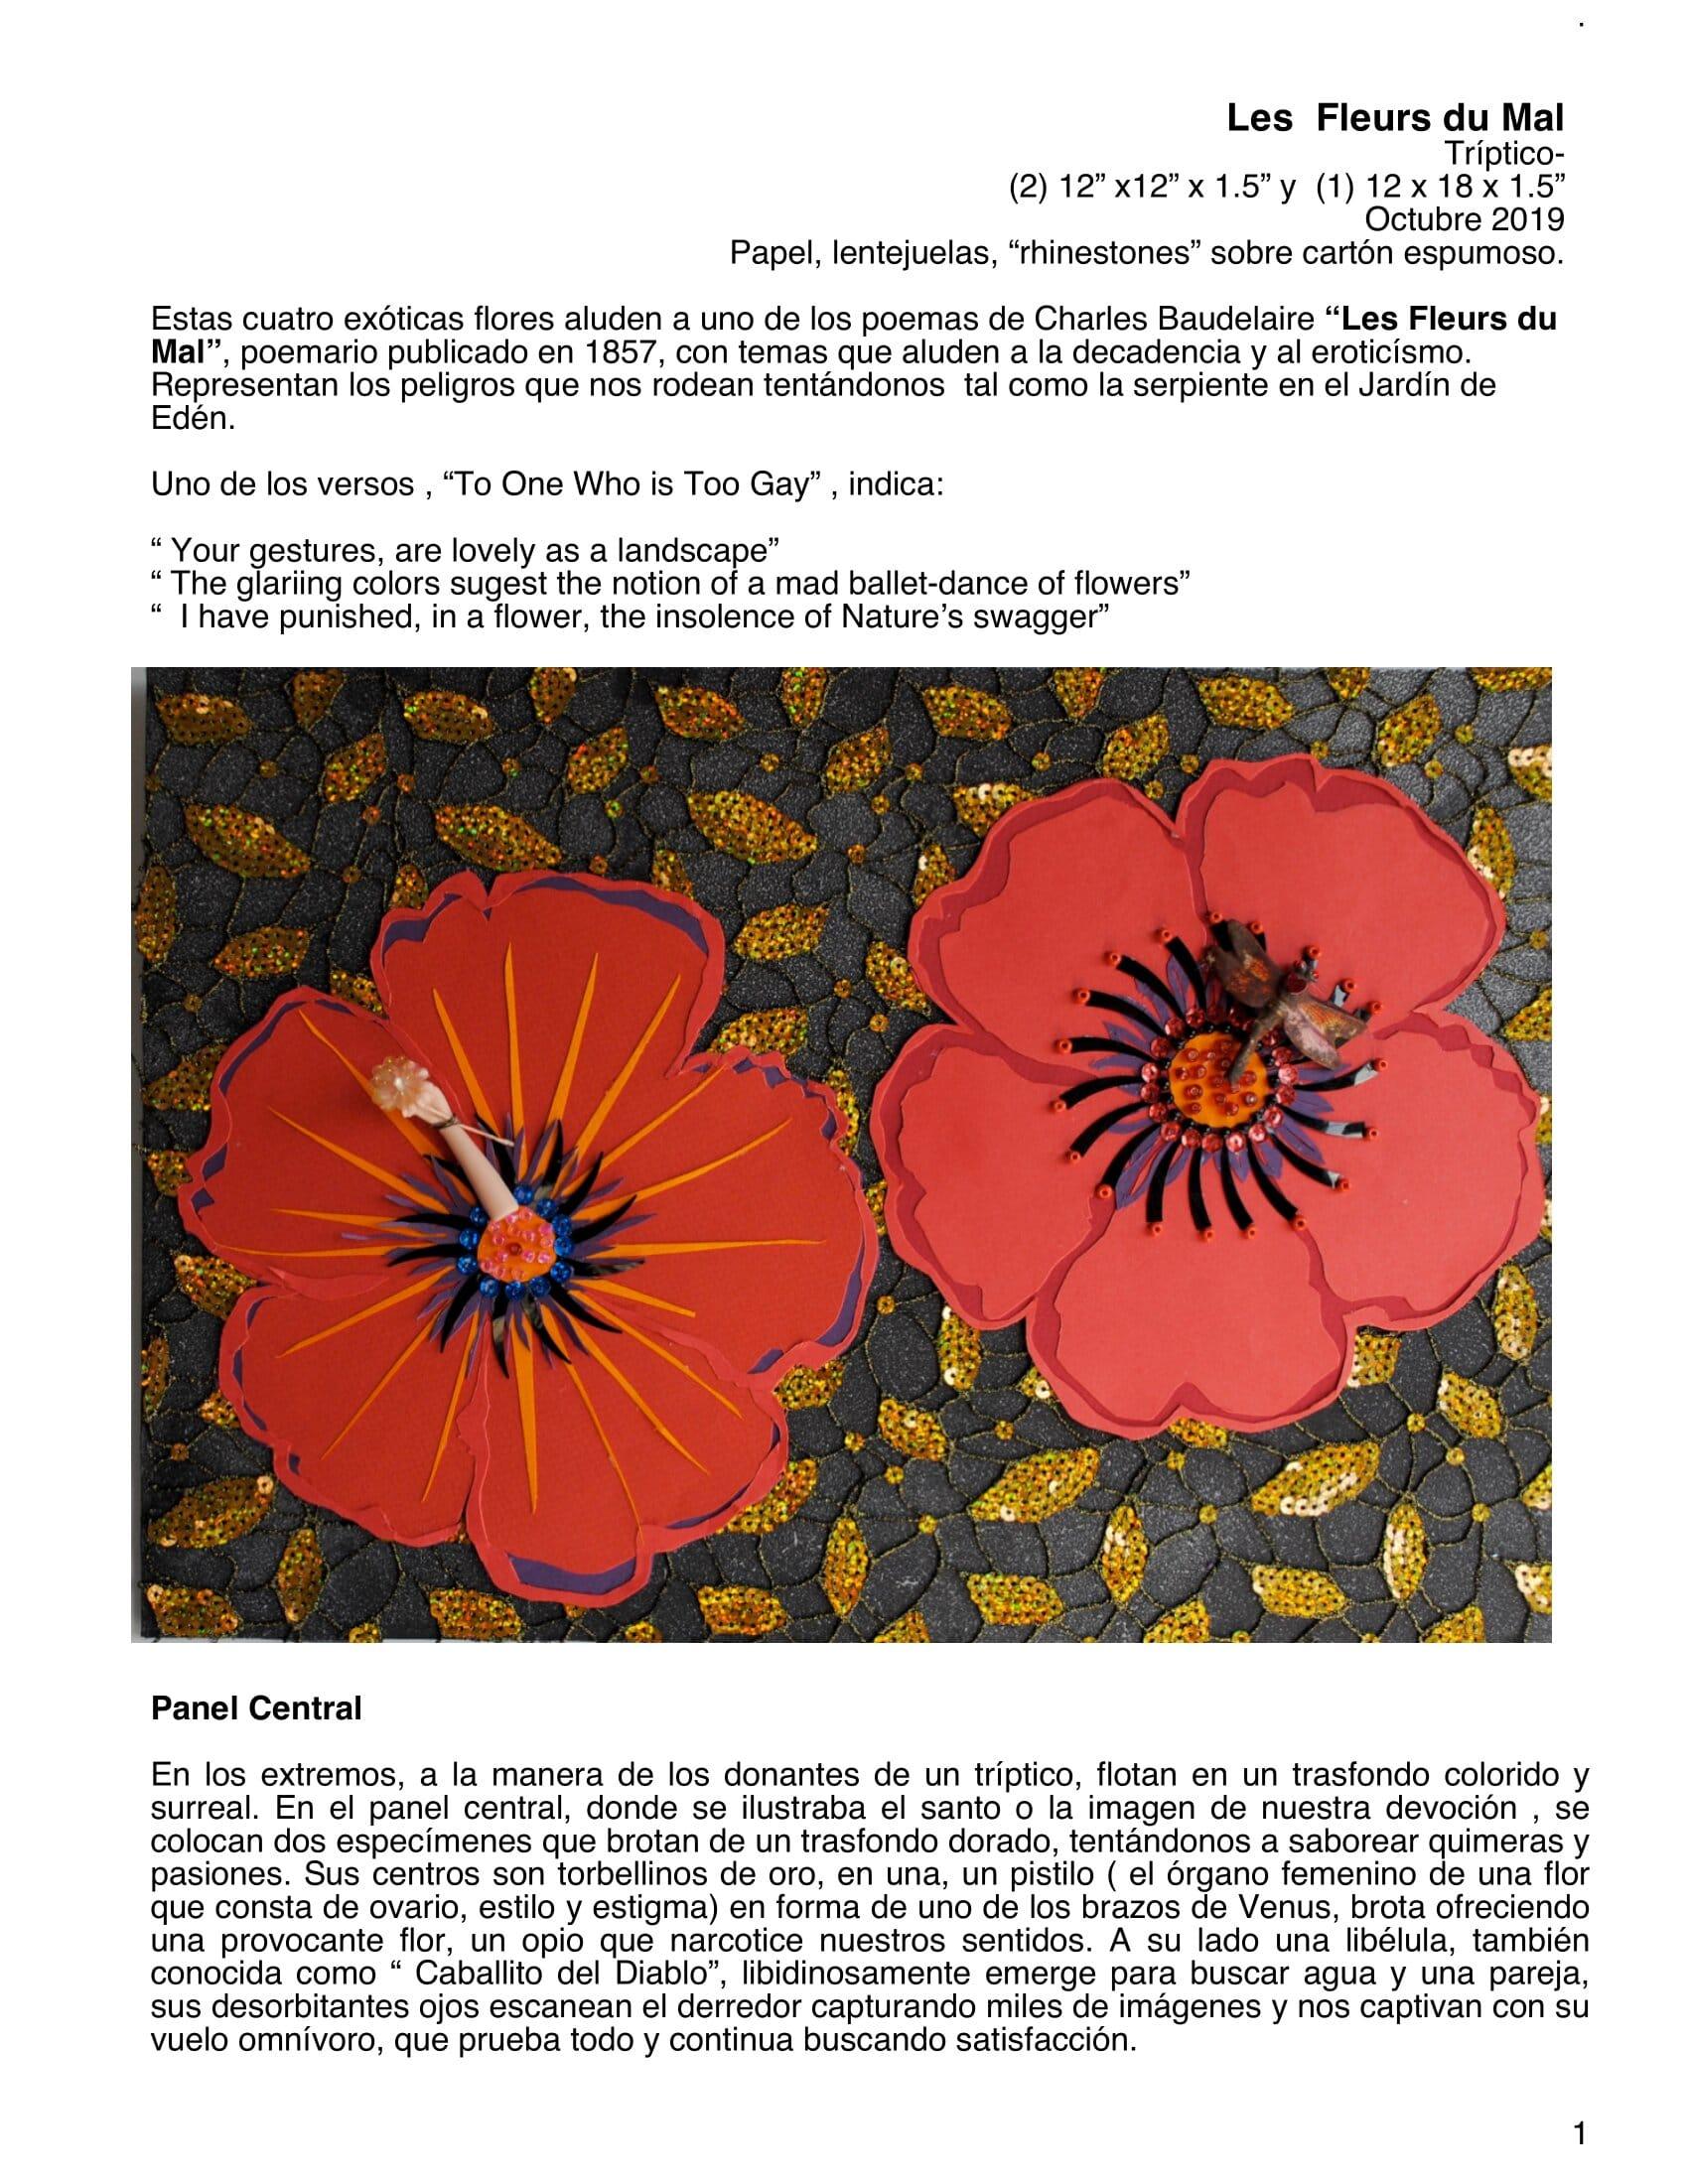 Ficha Tecnica Les Fleurs_0001